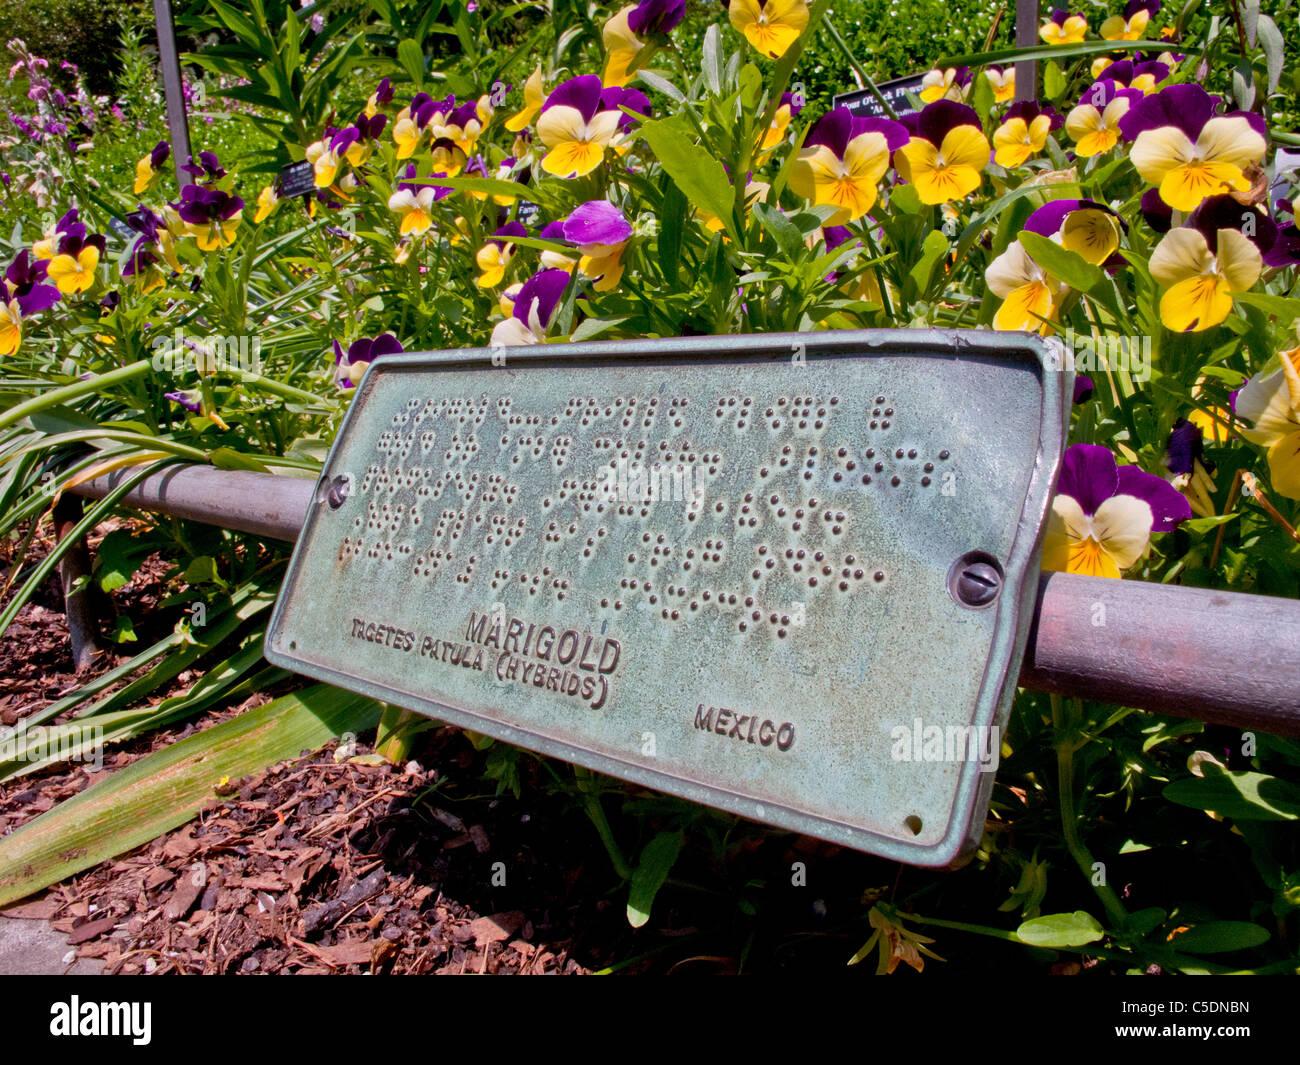 Schilder in Blindenschrift leiten Sehbehinderte bei der Alice Recknagel Ireys Duftgarten der Brooklyn Botanic Garden Stockbild